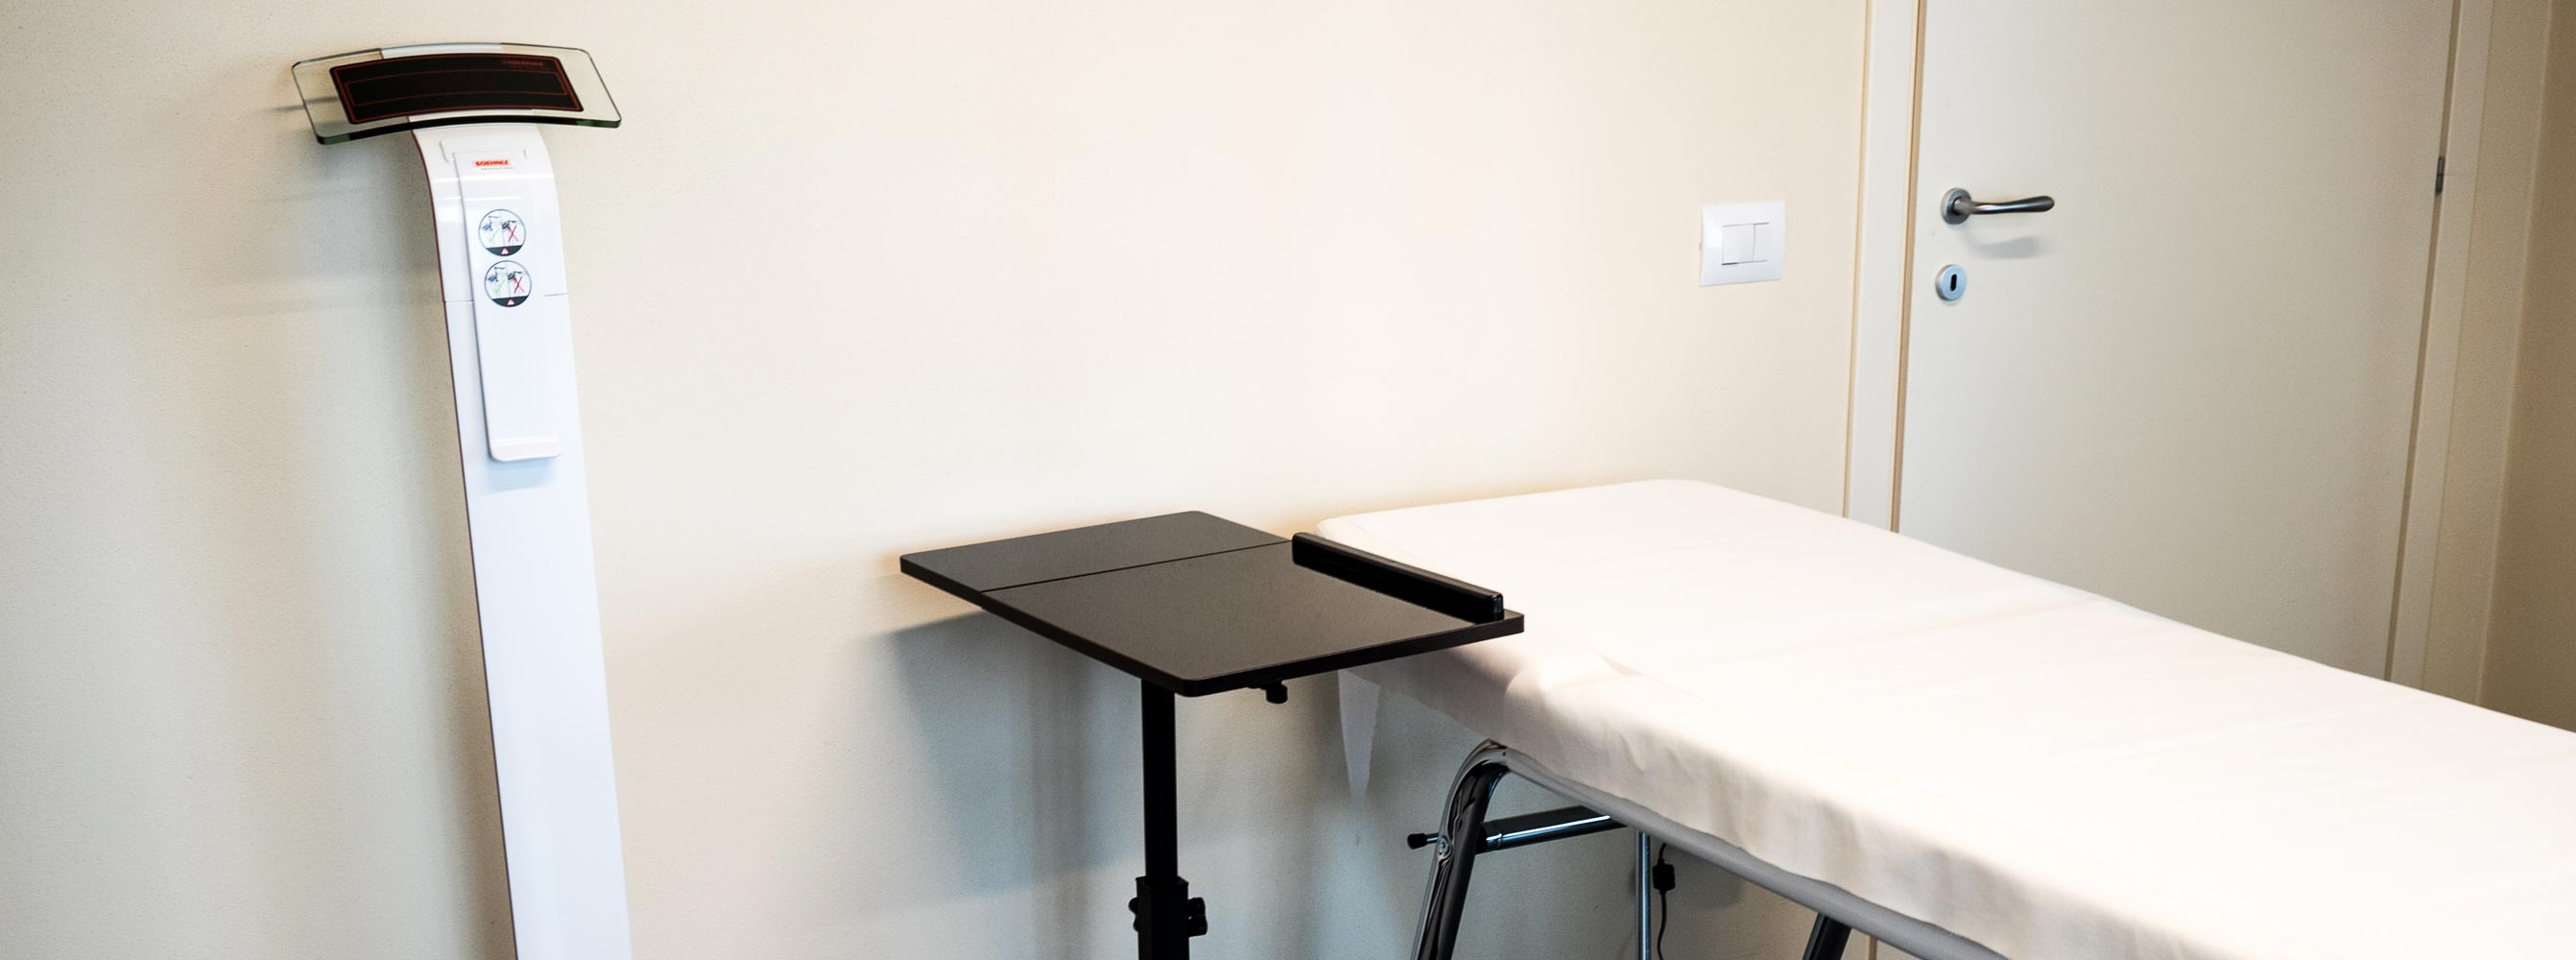 poliambulatorio-san-giorgio-salute-visite-specialistiche-medici-pazienti-fisiatra-pavia-3